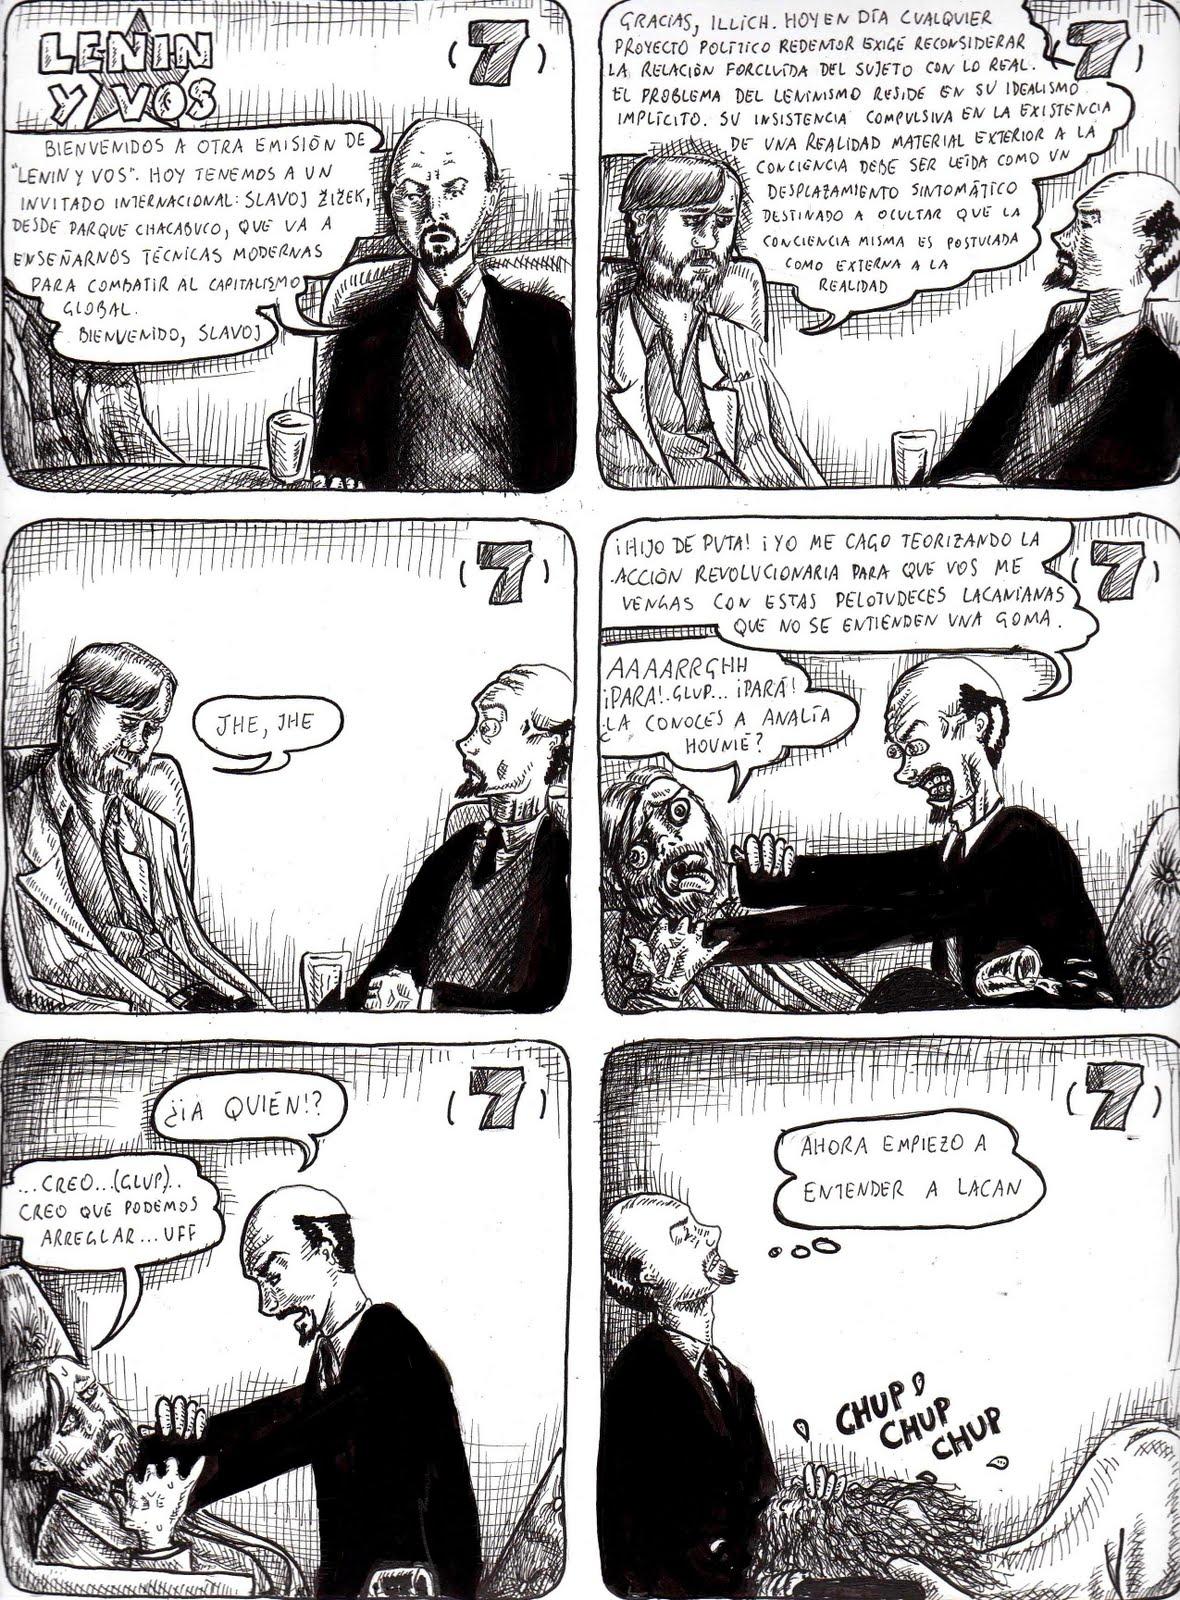 Stalin, Mao y Castro. ¿Cuál te parece más interesante? - Página 2 Lenin+y+vos